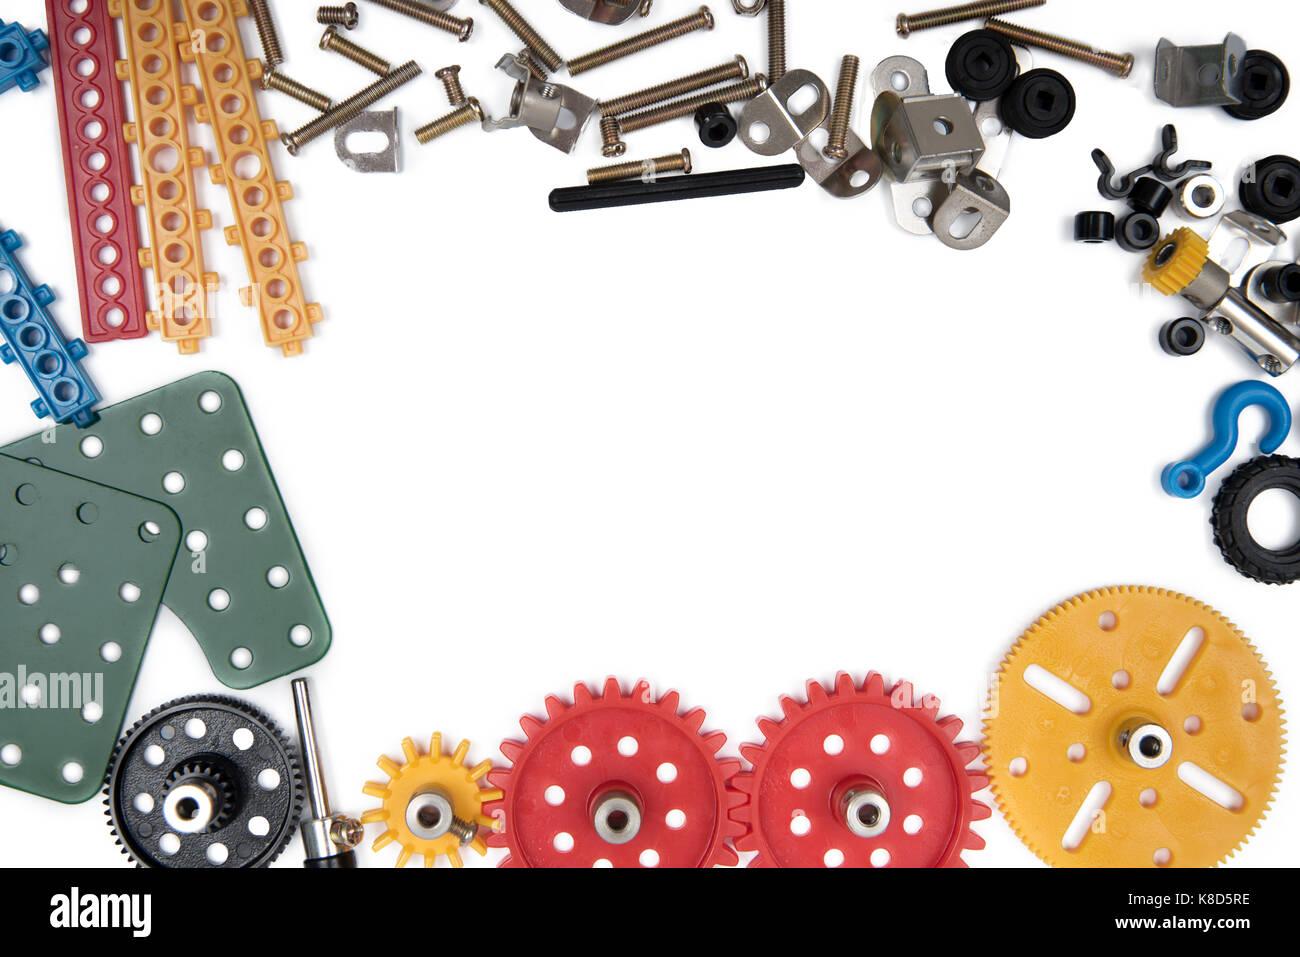 Kinder Spielzeug tools Frame, bunte Spielzeug Werkzeuge, Bau auf weißem Hintergrund. Ansicht von oben. Stockbild